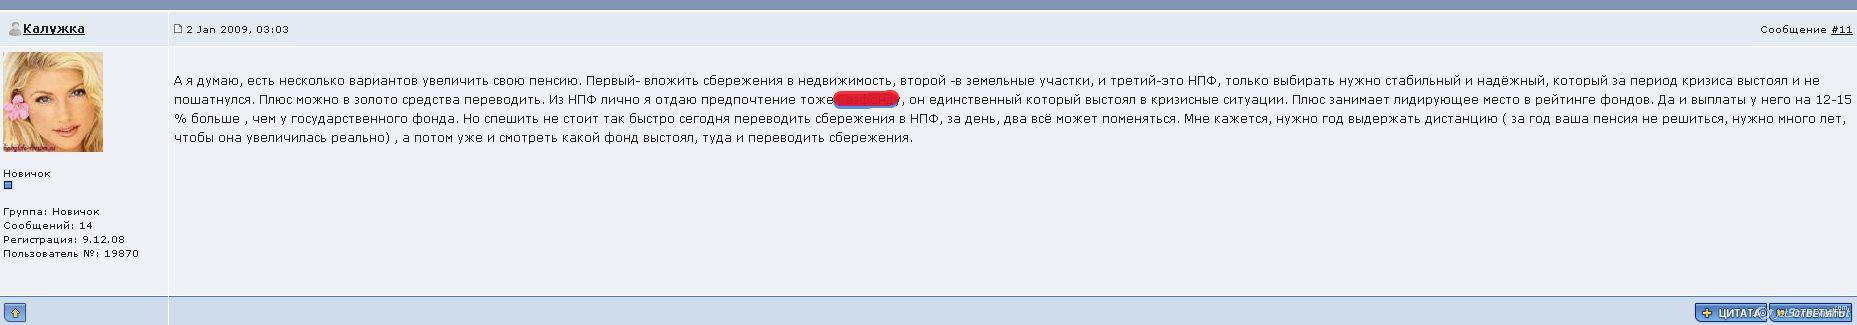 реклама-крупнейшиго негосударственного пенсионного фонду в России